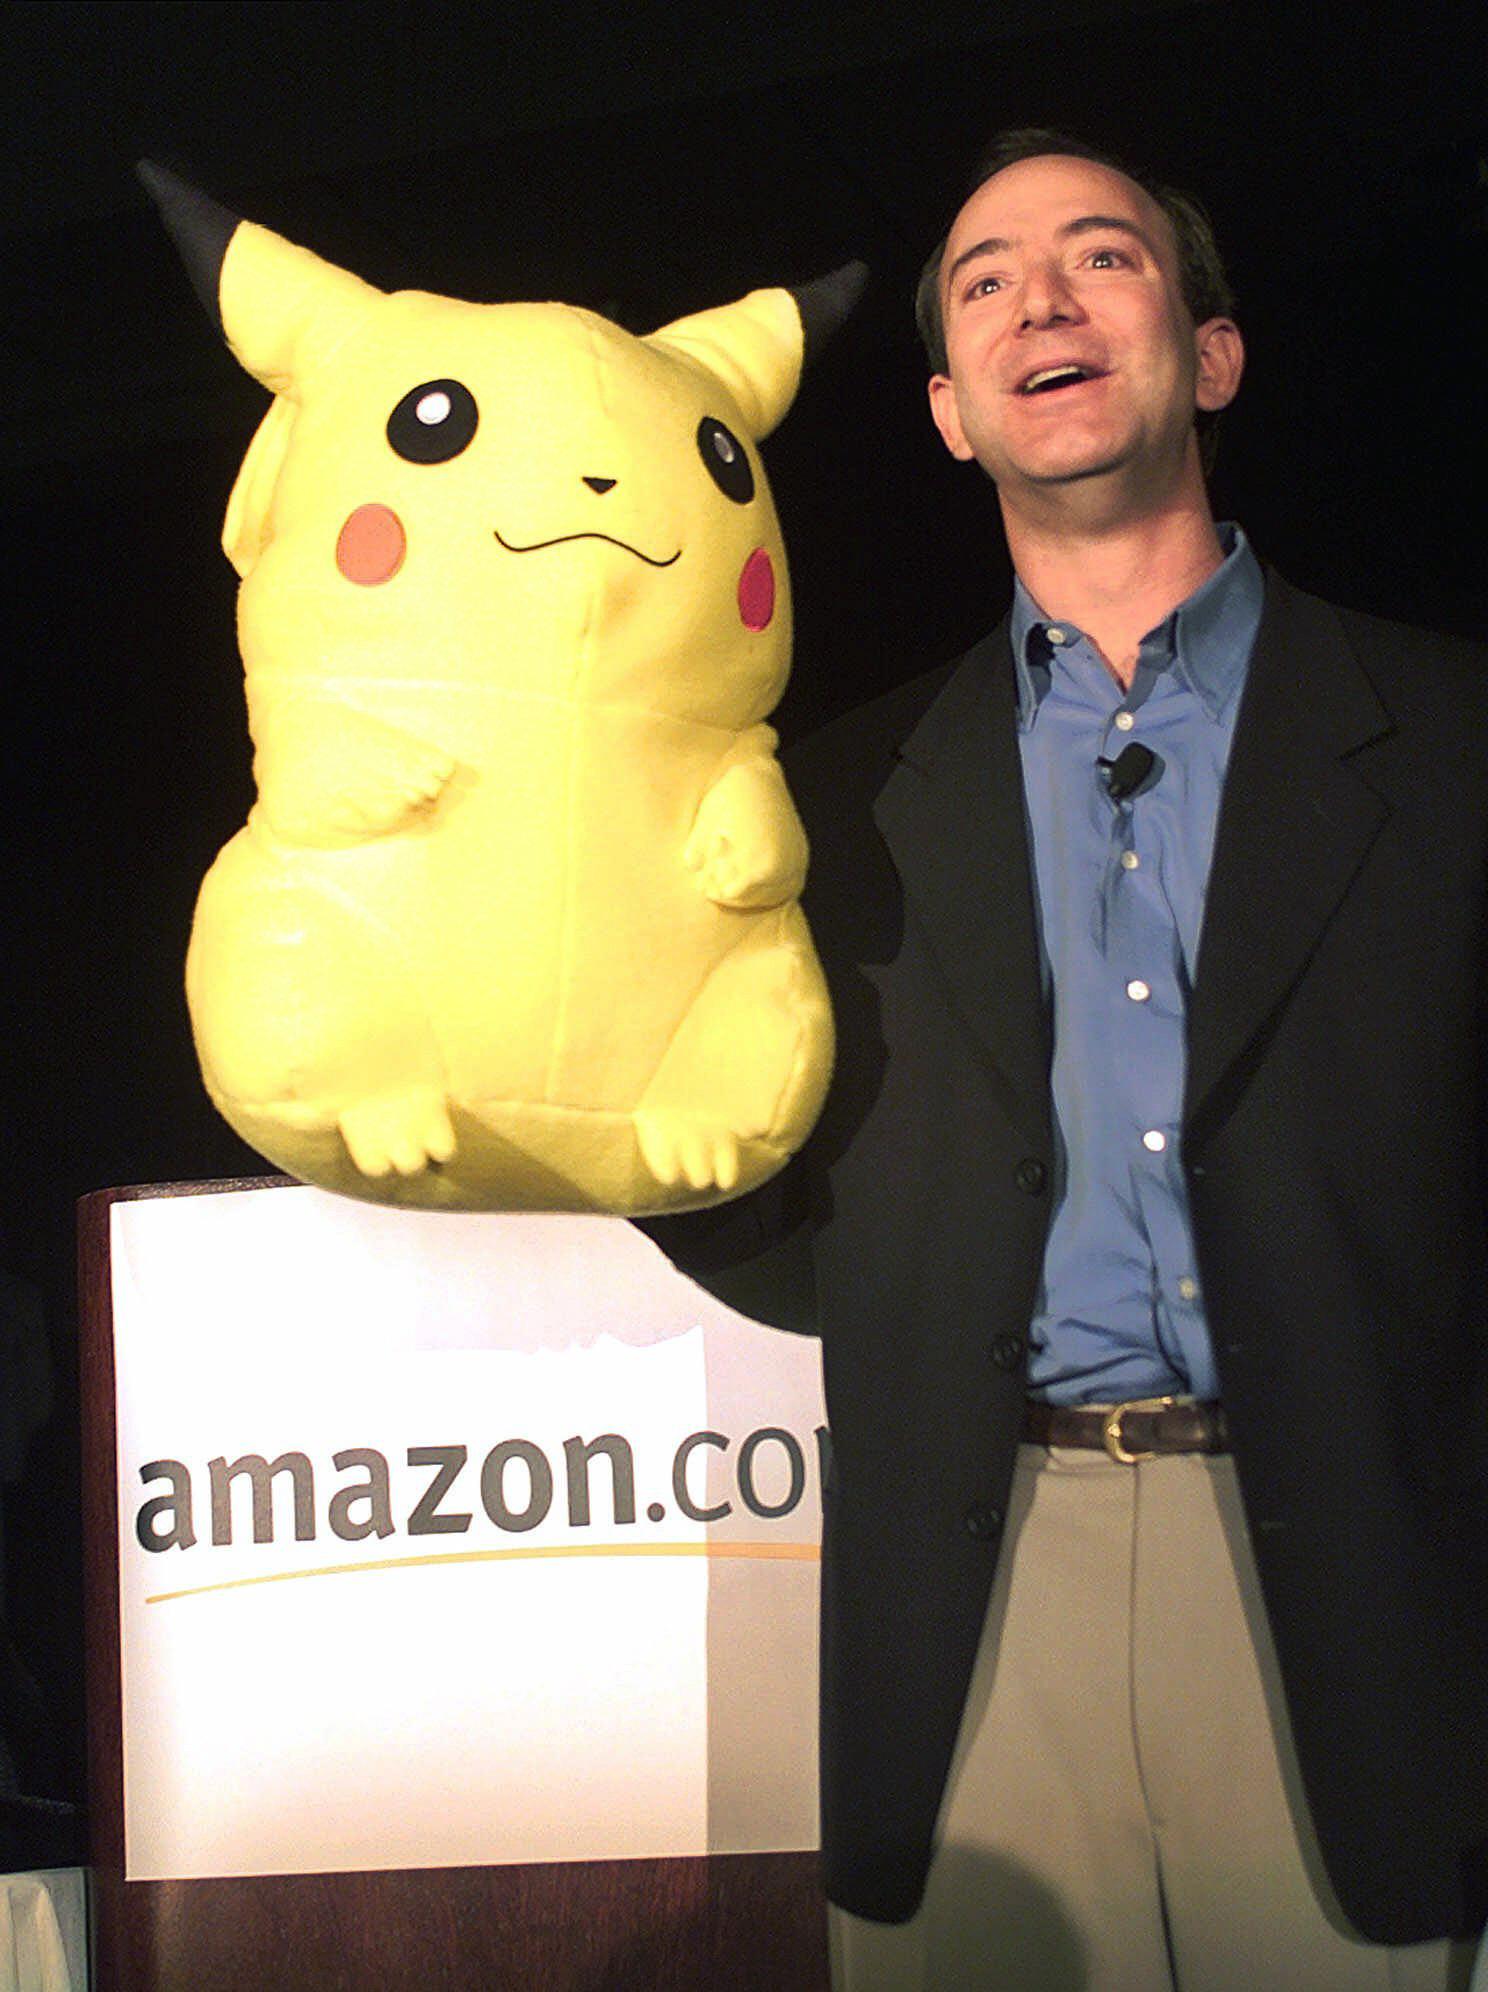 1999年11月9日,亞馬遜創辦人貝佐斯 (Jeff Bezos) 拿著皮卡丘娃娃,於紐約的記者會上宣布公司擴展計畫。(美聯社)